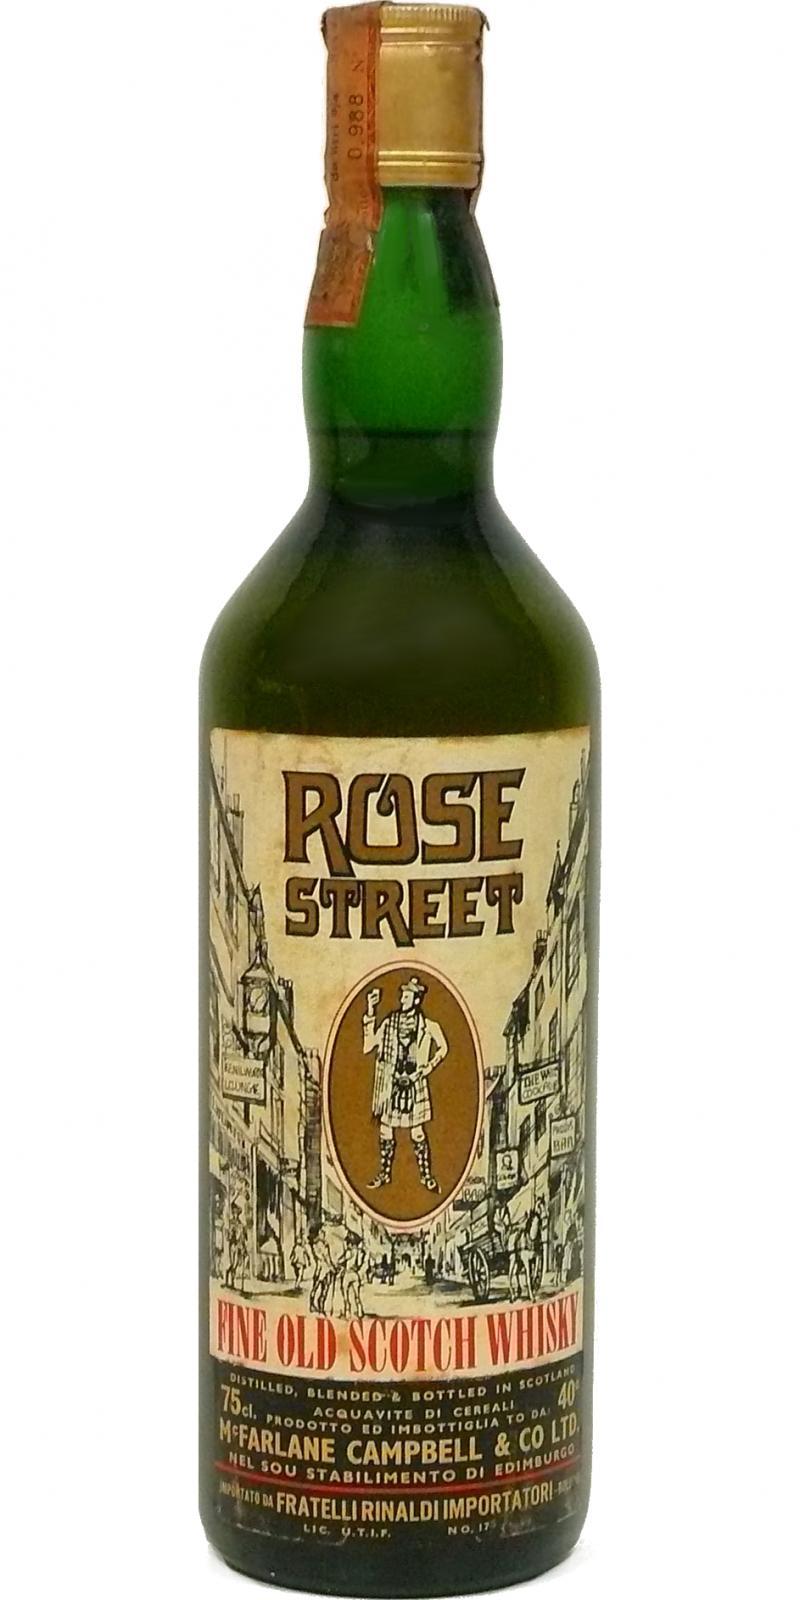 Rose Street Fine Old Scotch Whisky